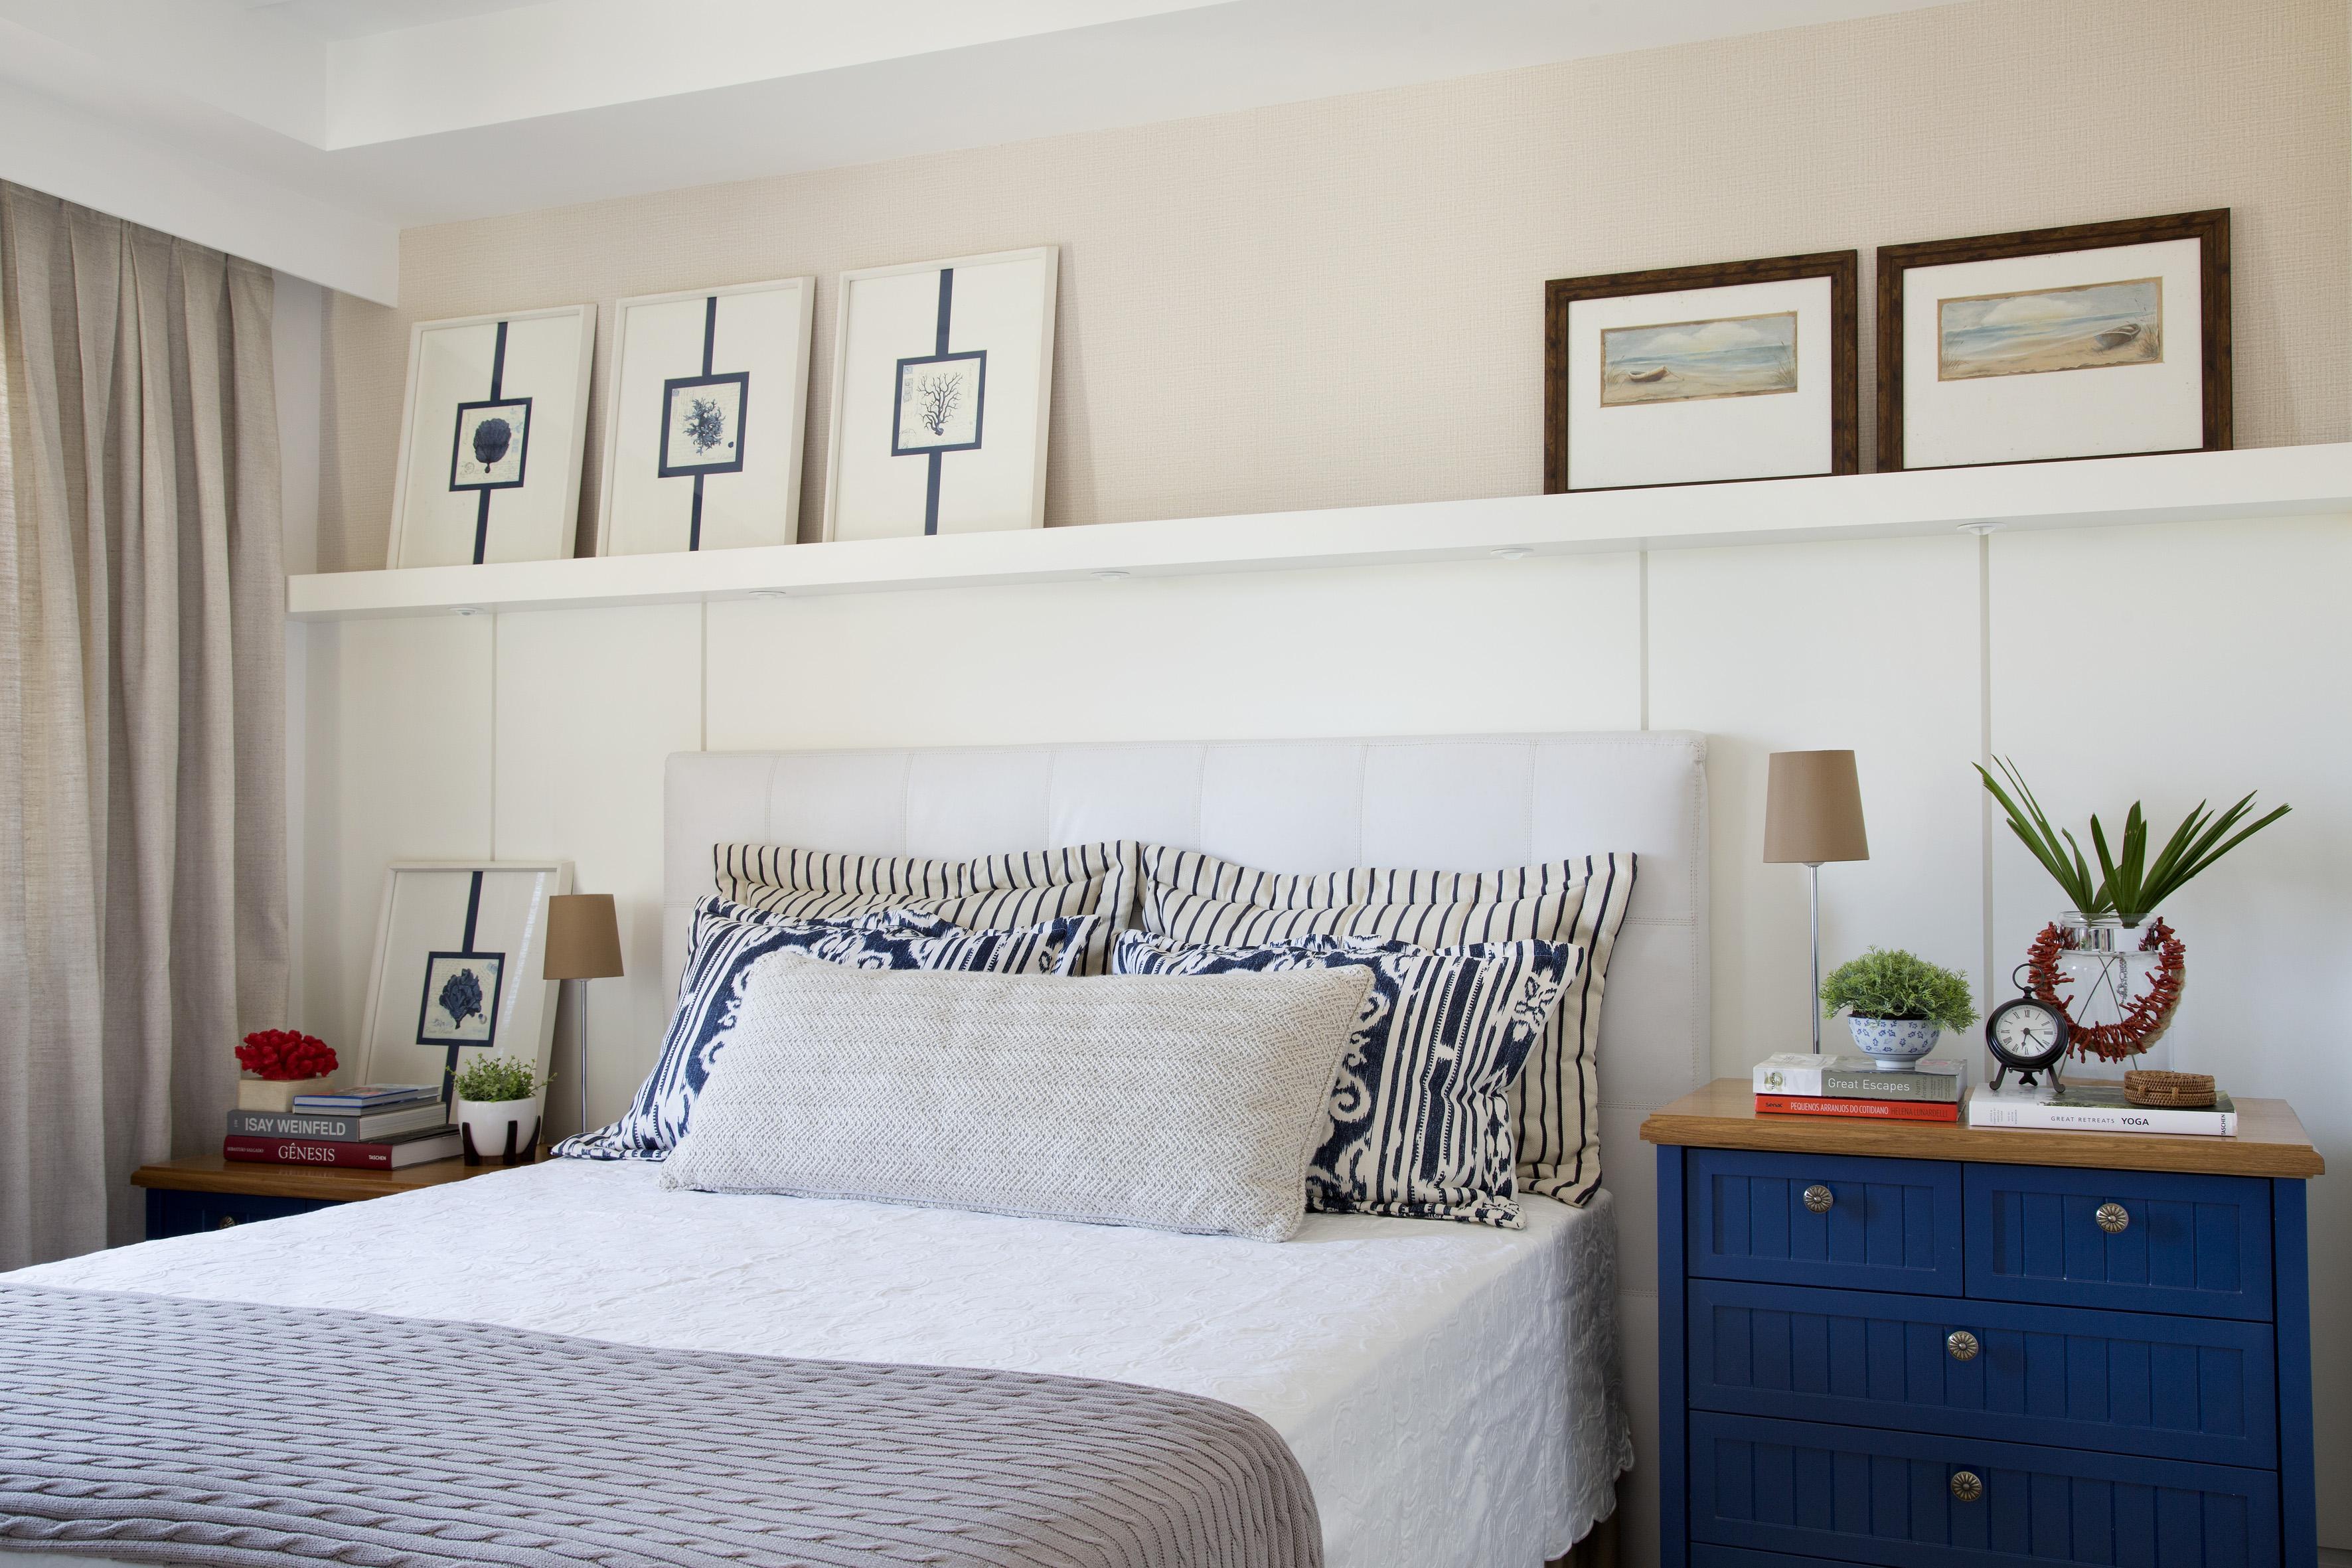 5-casa-em-buzios-foi-inspirada-no-glamour-nautico-dos-hamptons-quarto